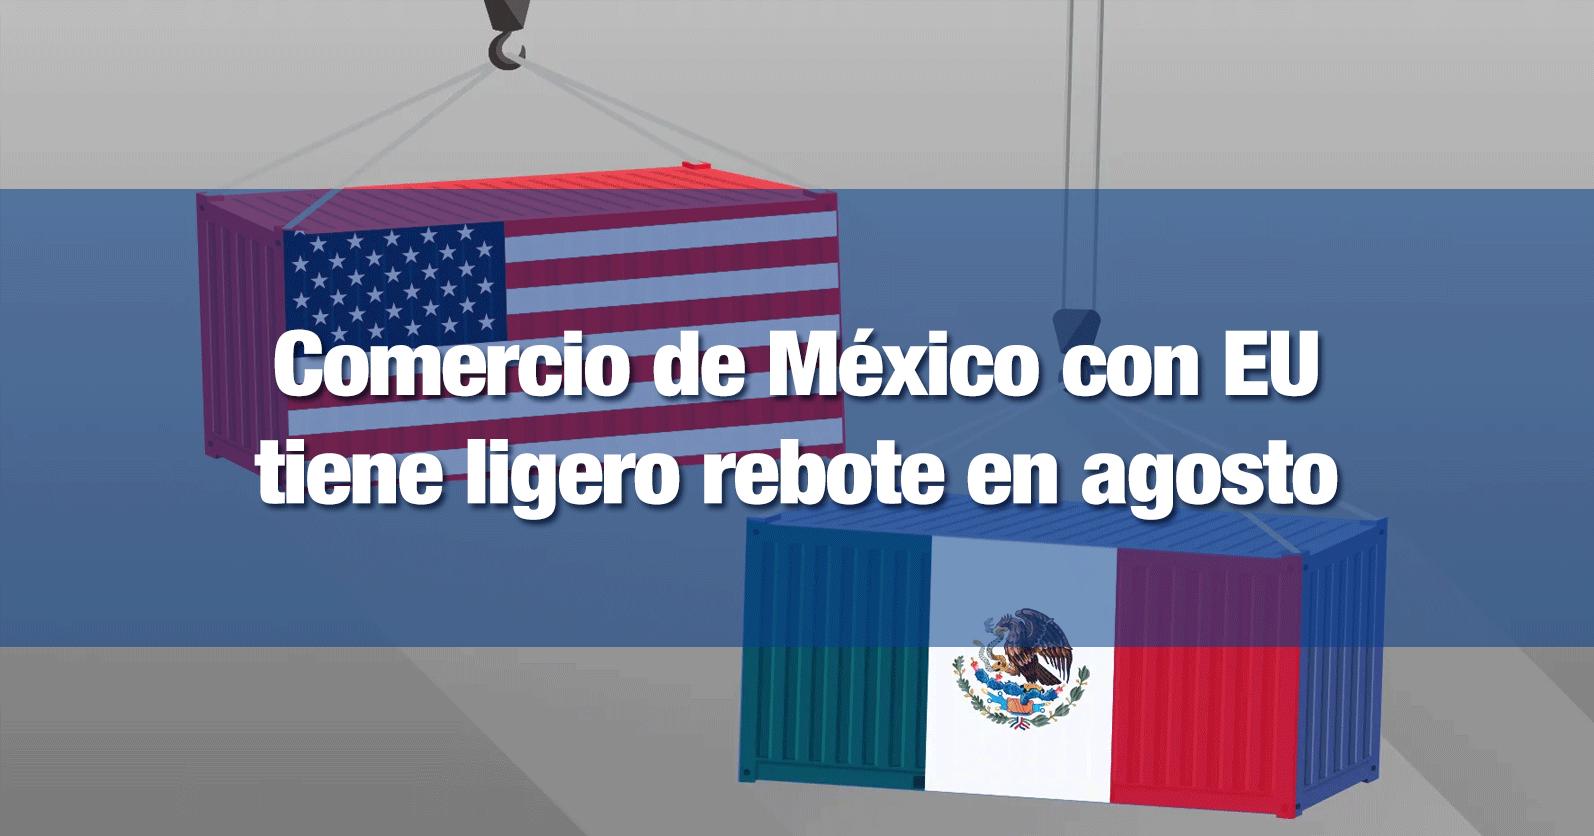 Comercio de México con EU tiene ligero rebote en agosto